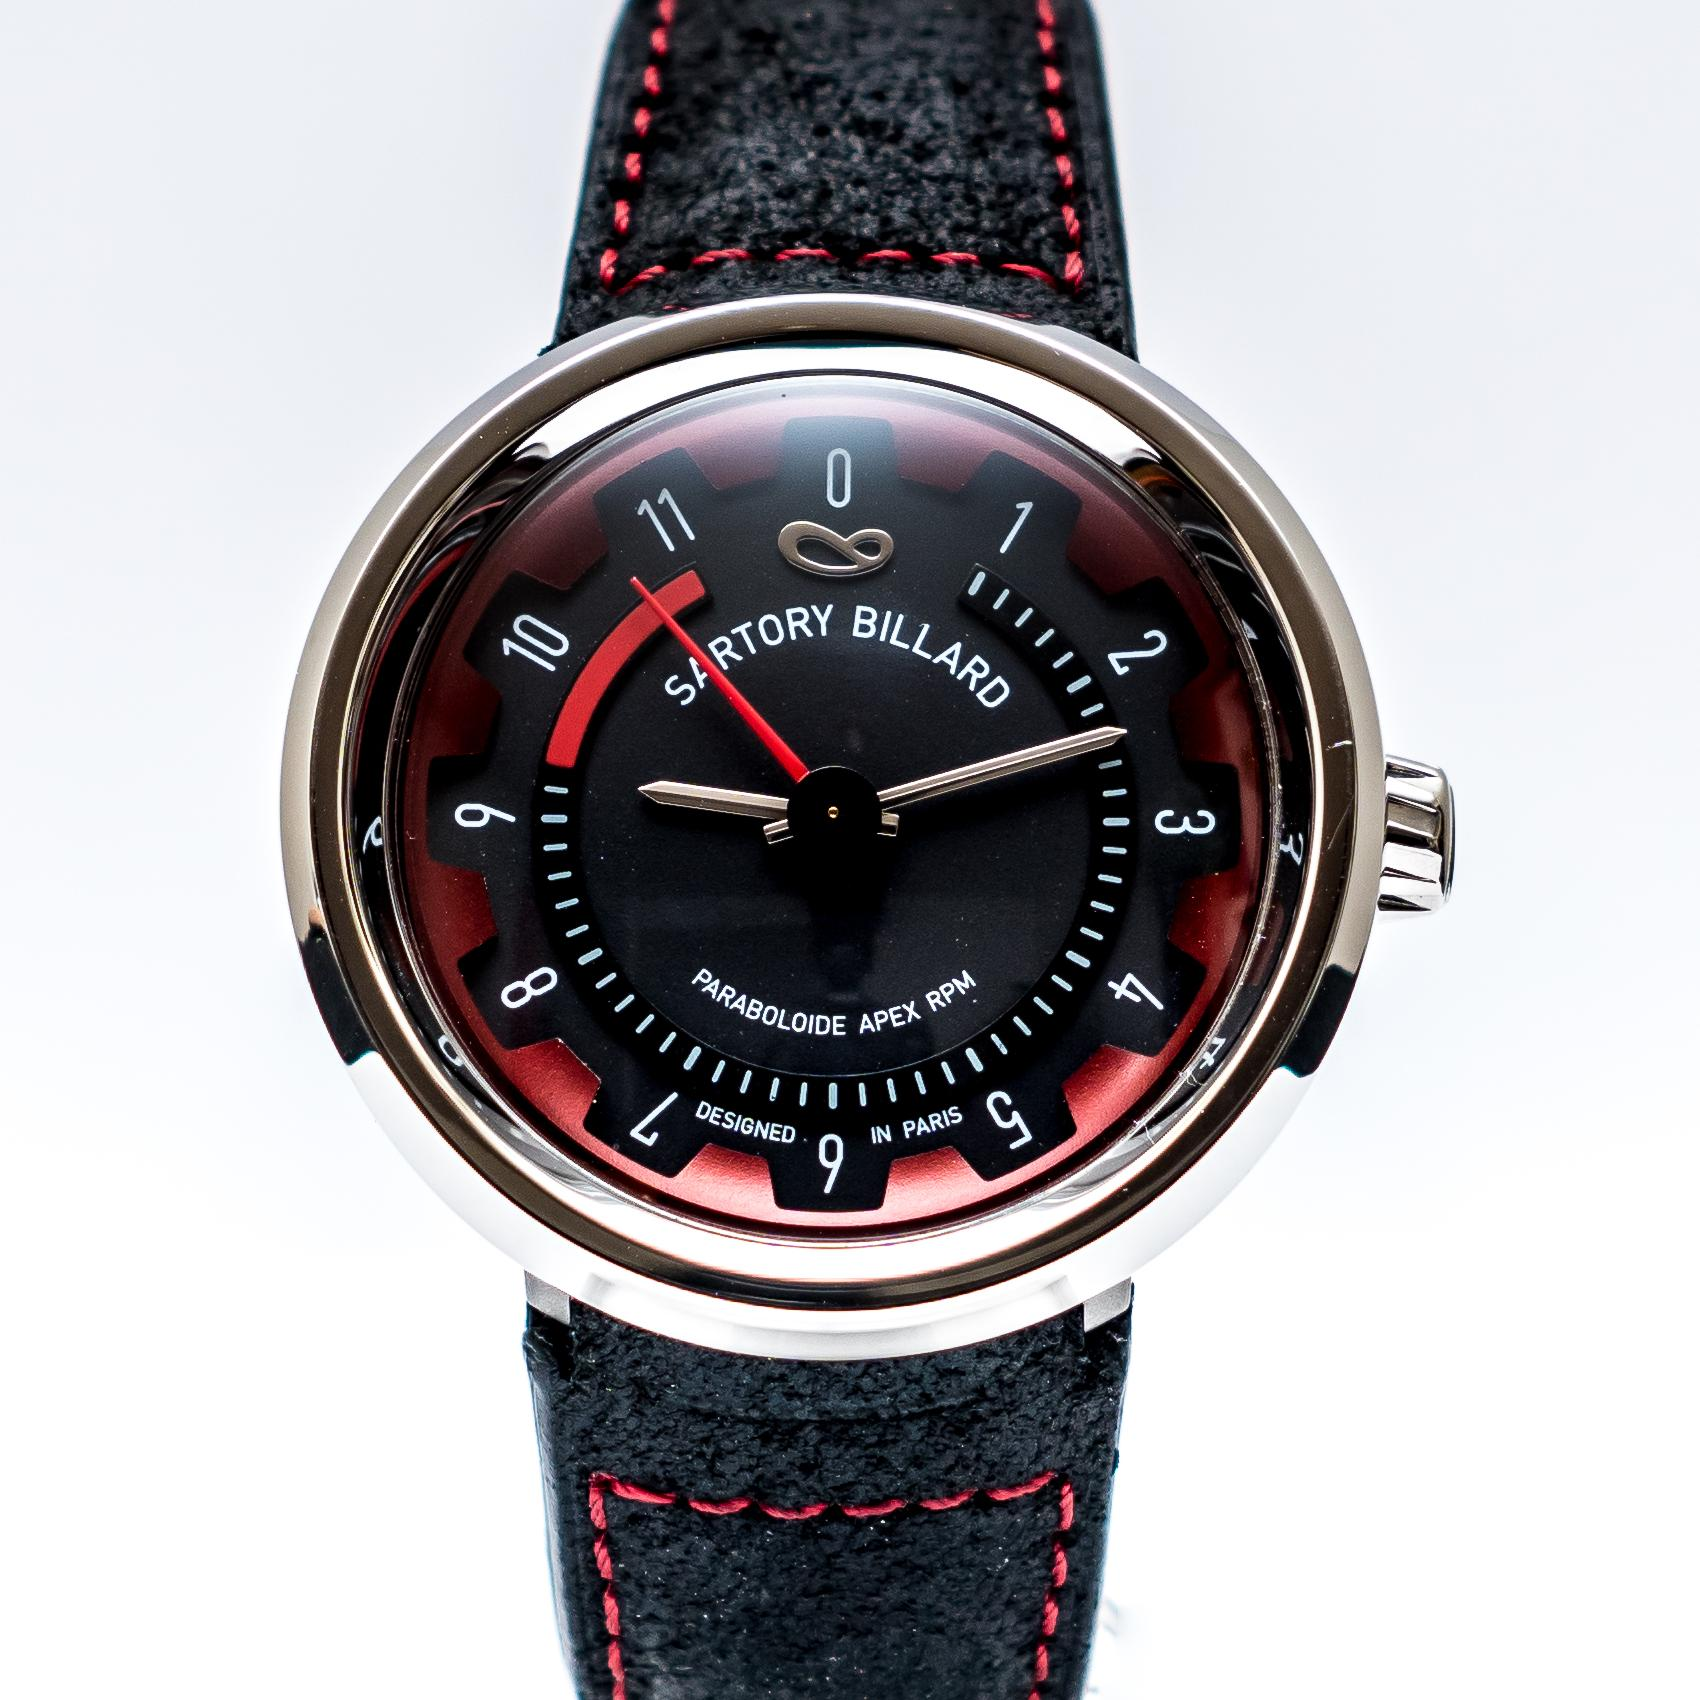 Naissance d'une nouvelle montre française : SARTORY BILLARD RPM01 - Page 2 SARTORY-BILLARD-fond-blanc-face-boucl%C3%A9e-zoom